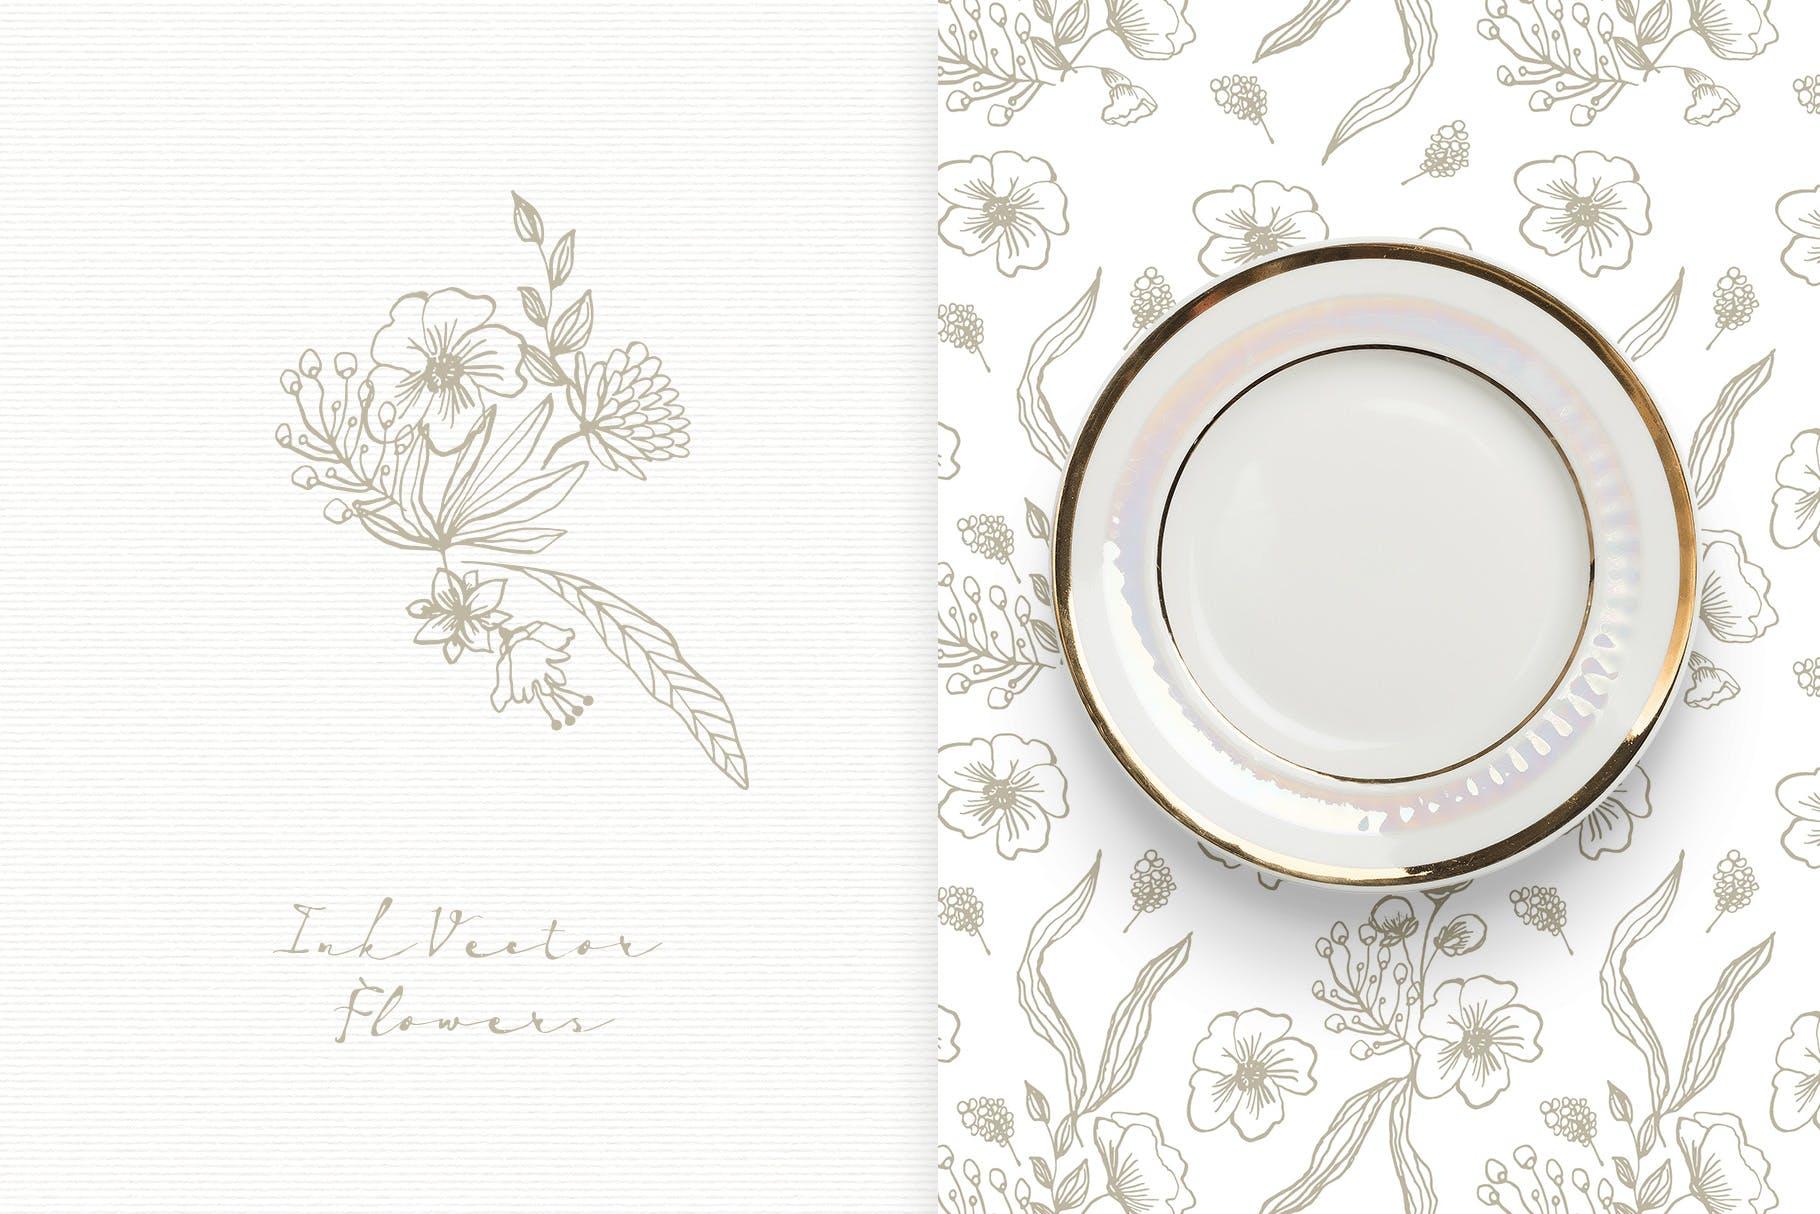 手工研磨制品装饰图案Ink Vector Flowers插图(2)